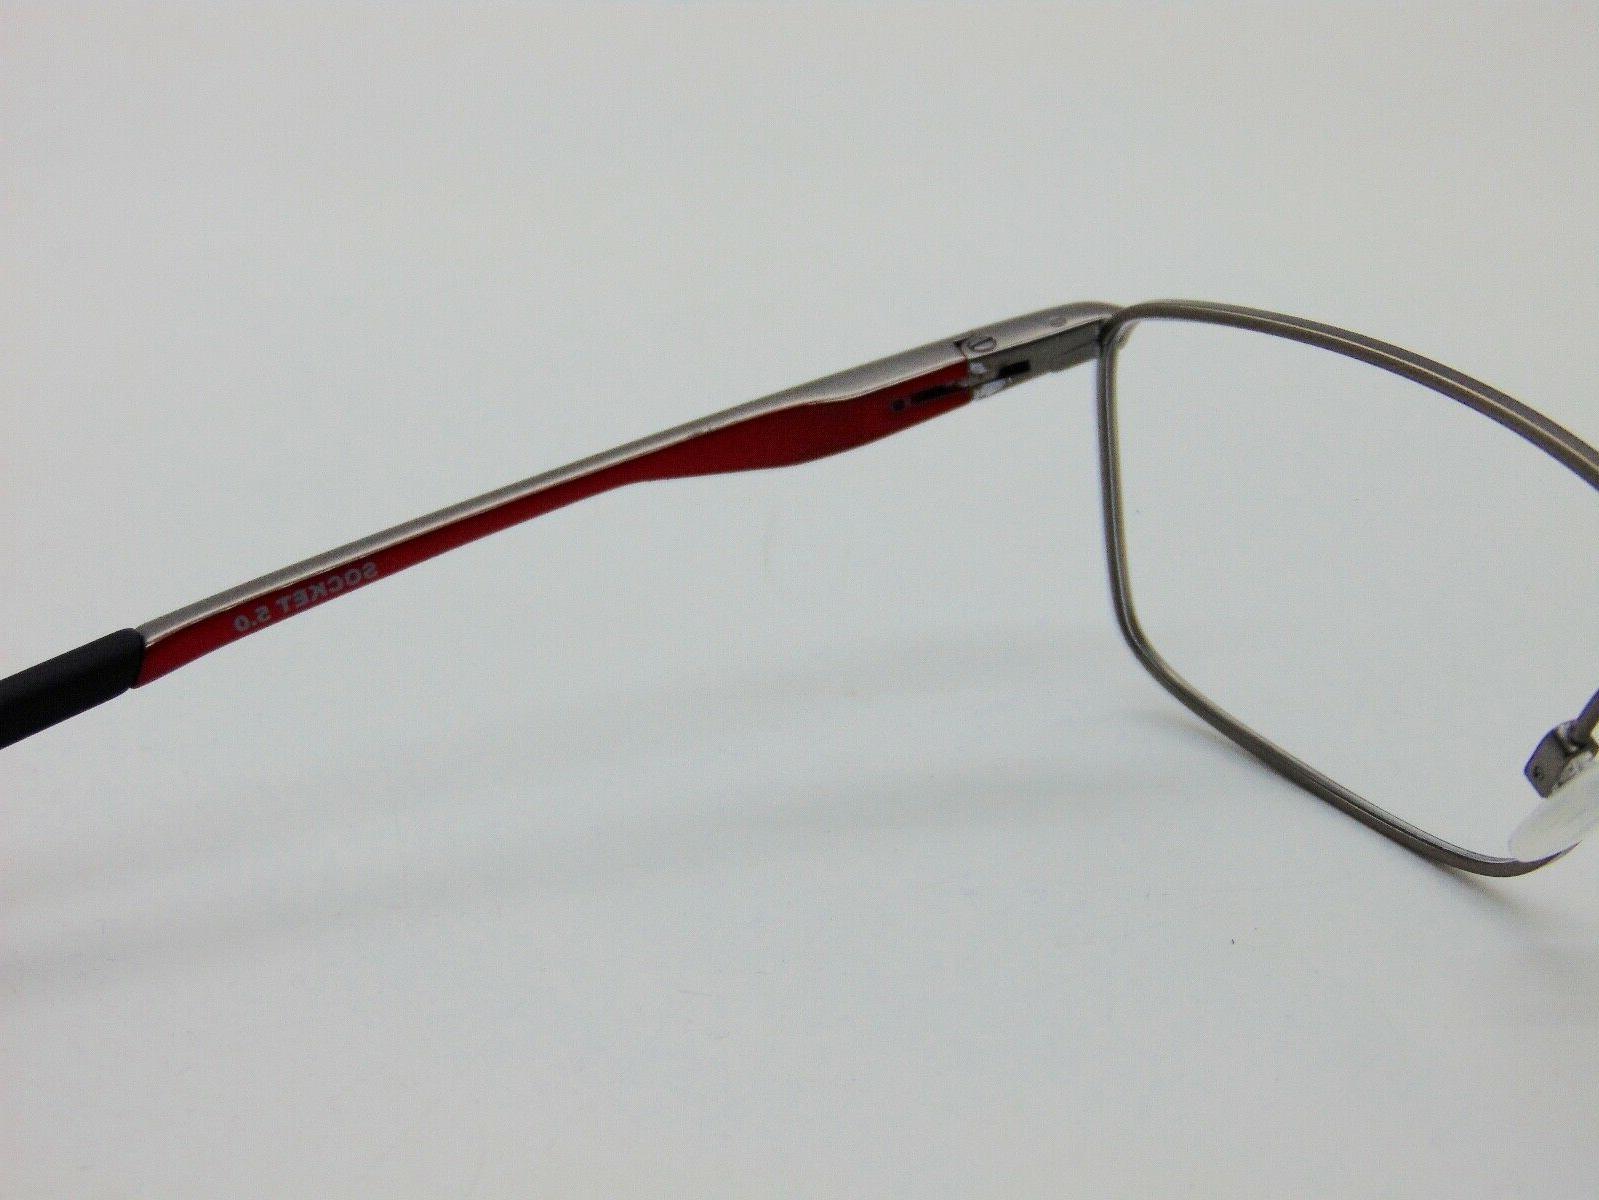 Oakley Eyeglasses OX1089 108903